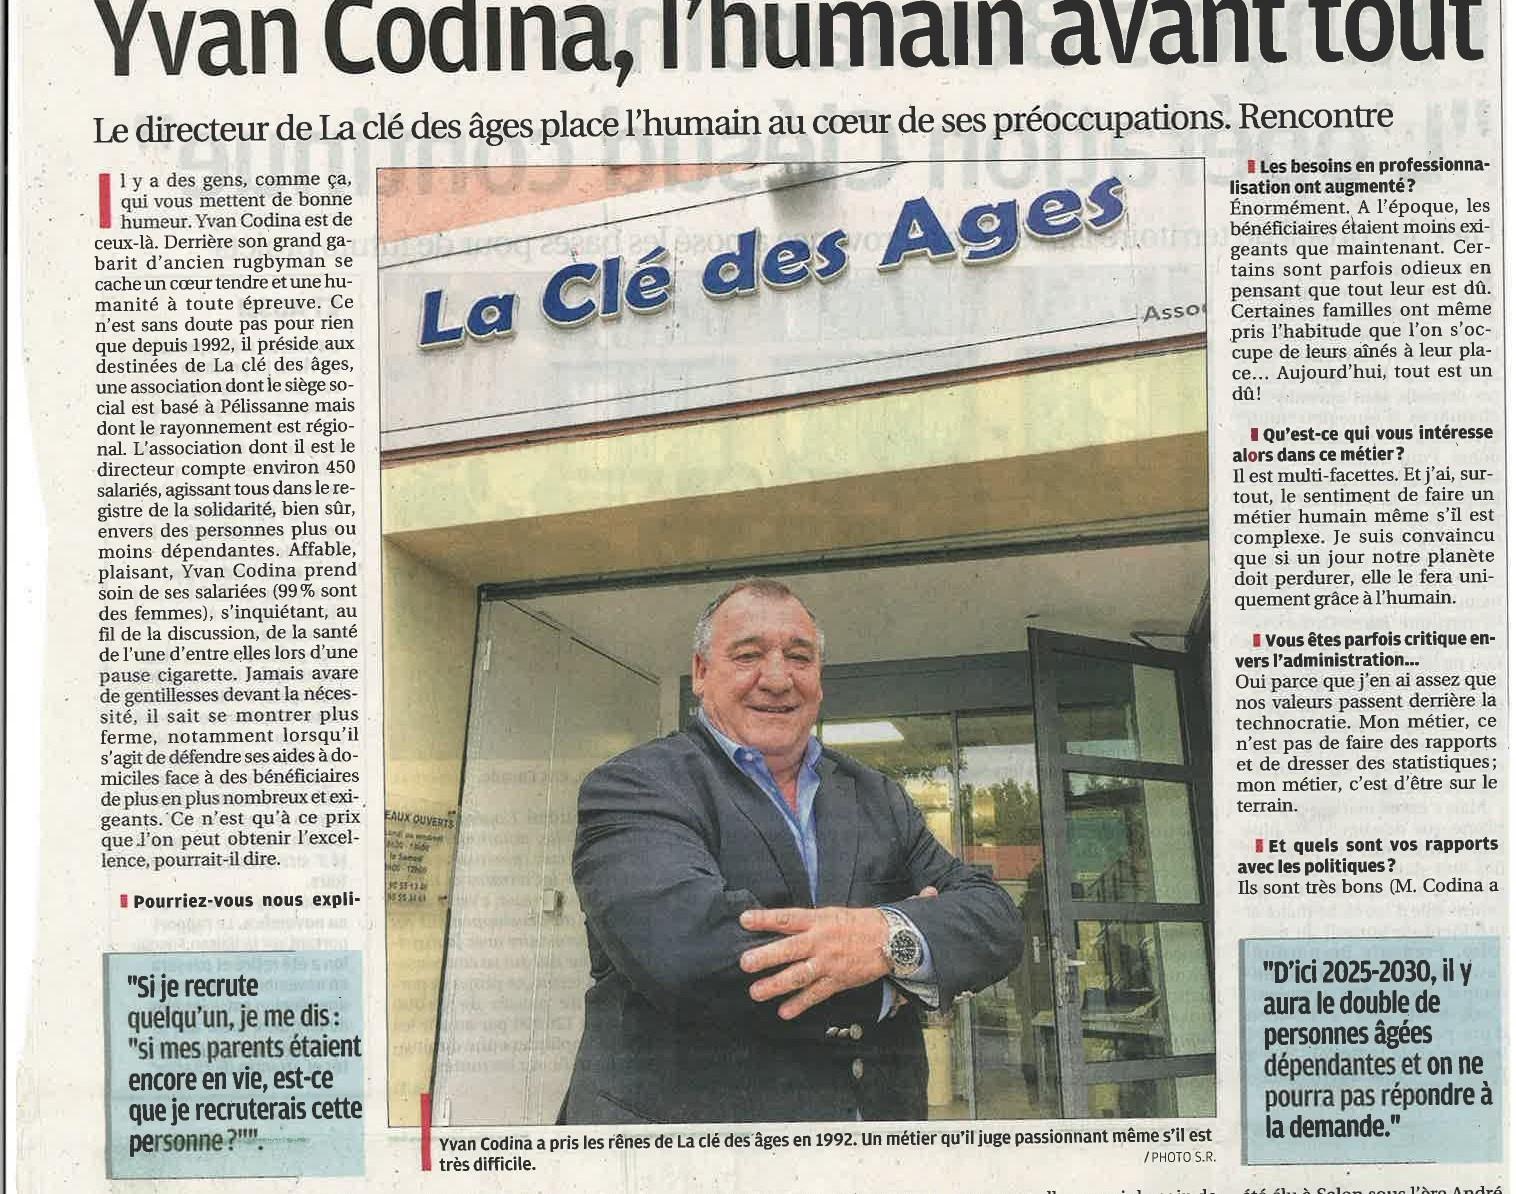 Yvan Codina, l'humain avant tout.